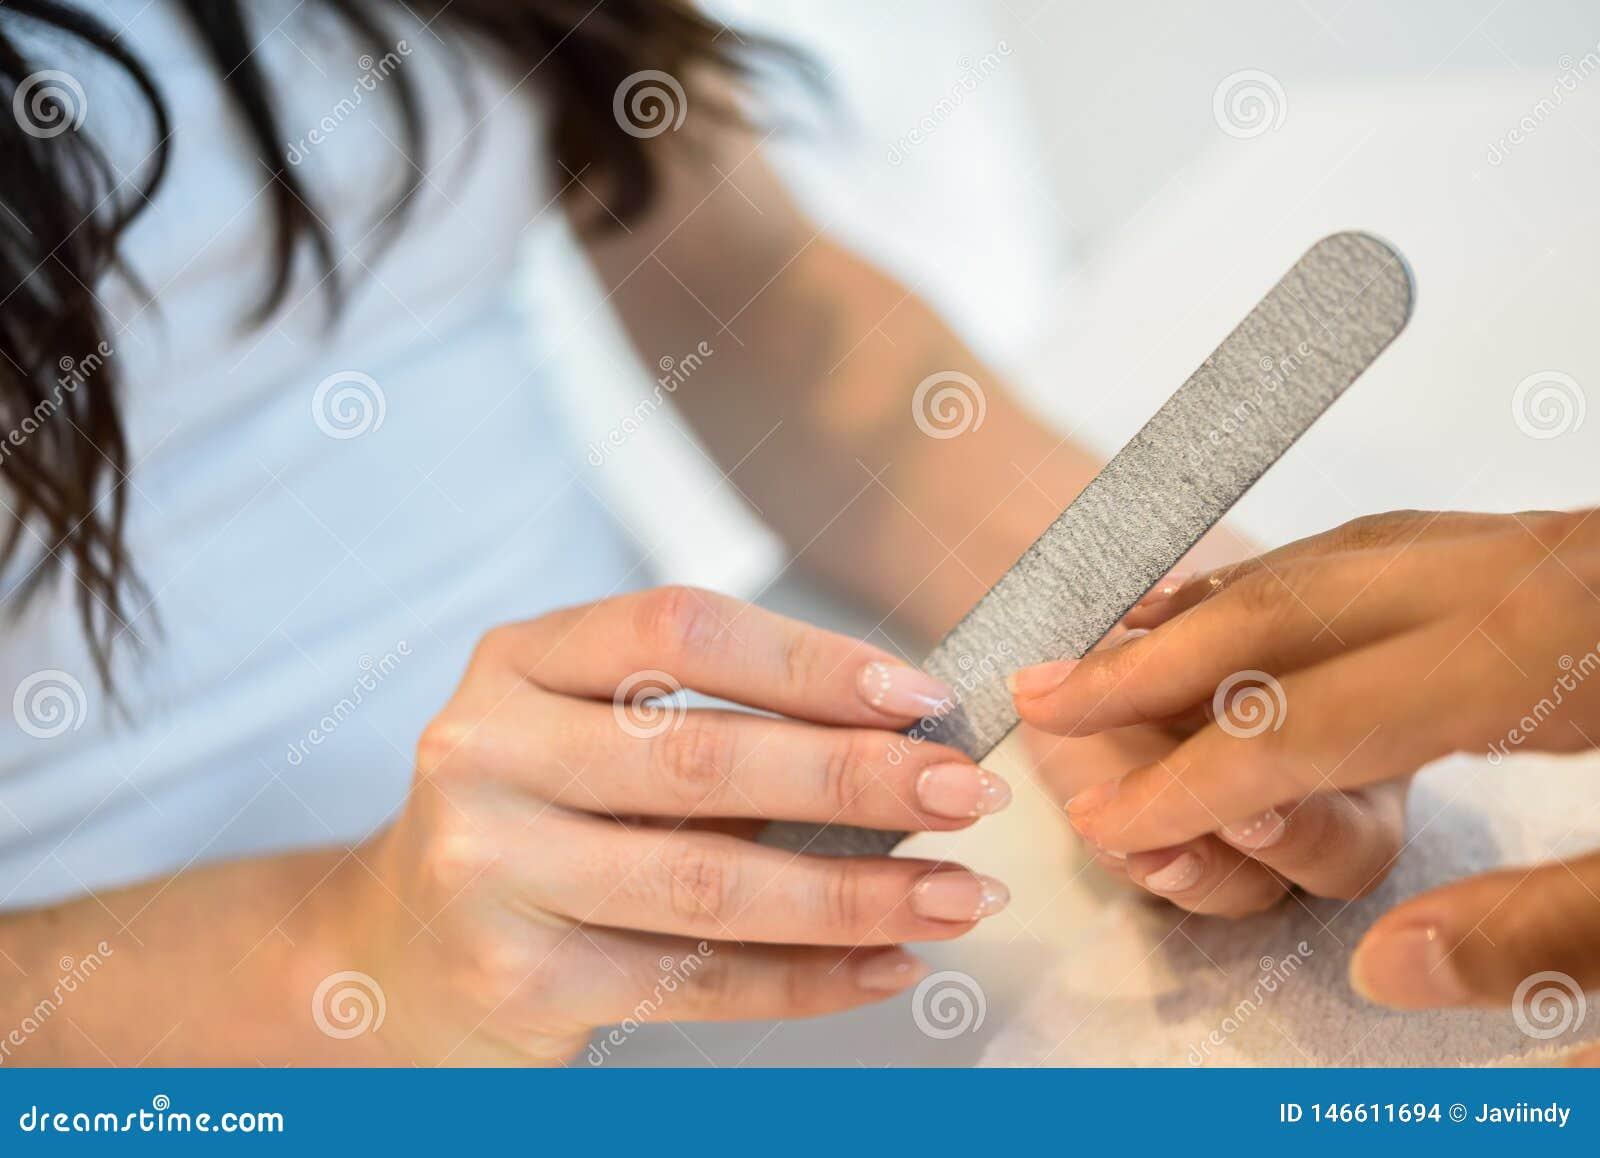 Γυναίκα σε ένα σαλόνι καρφιών που λαμβάνει ένα μανικιούρ με το αρχείο καρφιών